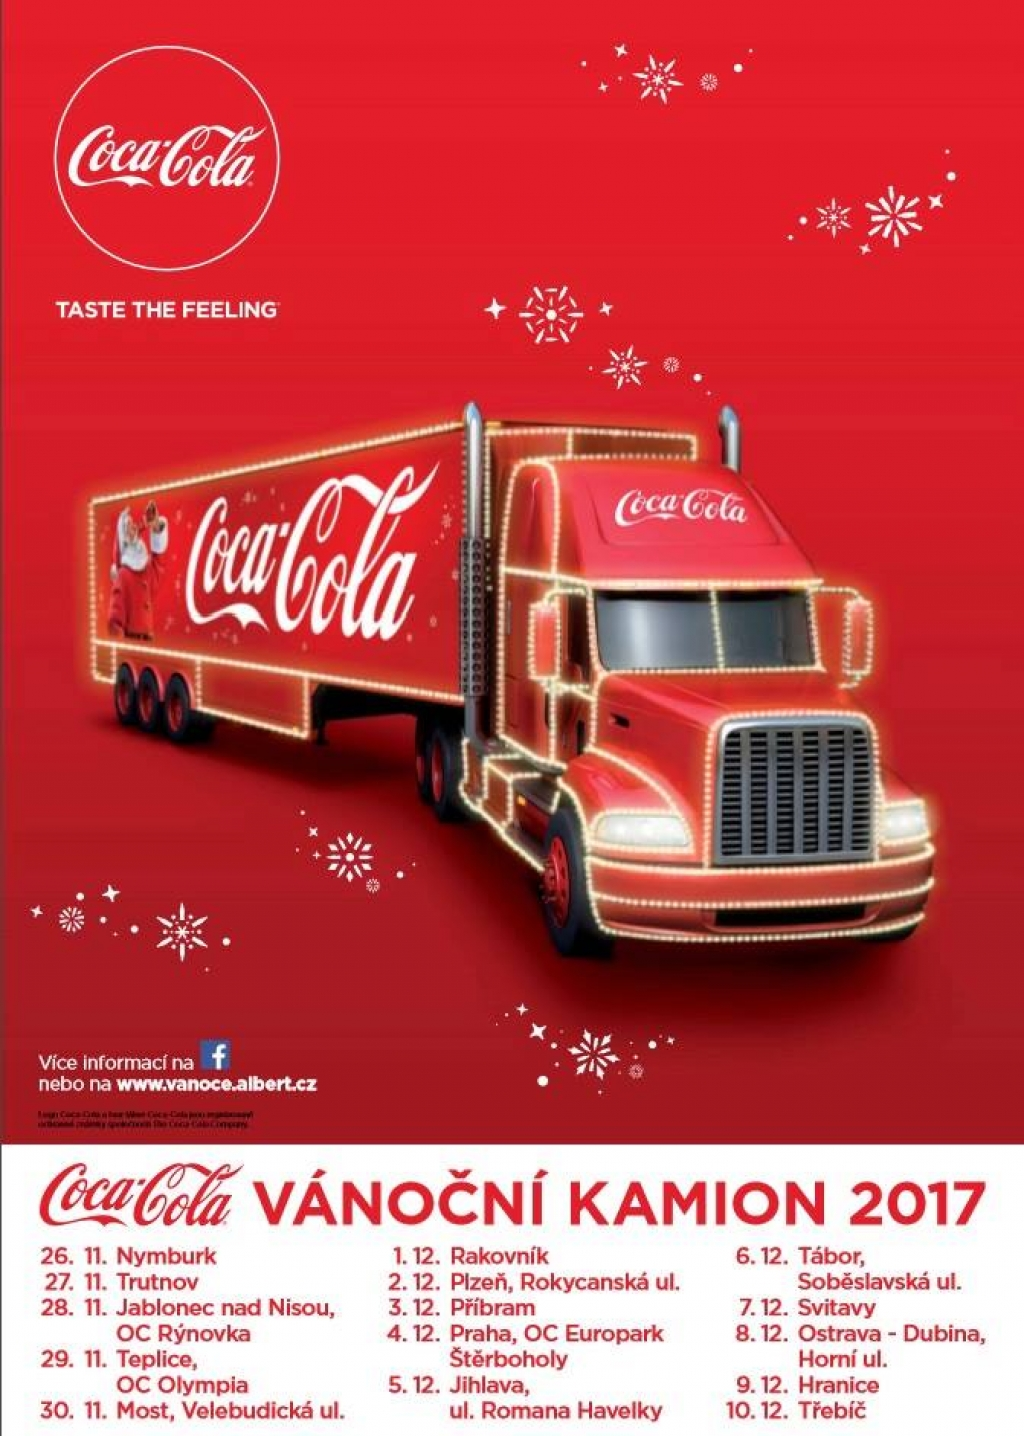 Vánoční kamion Coca-Cola 2017 - Třebíč